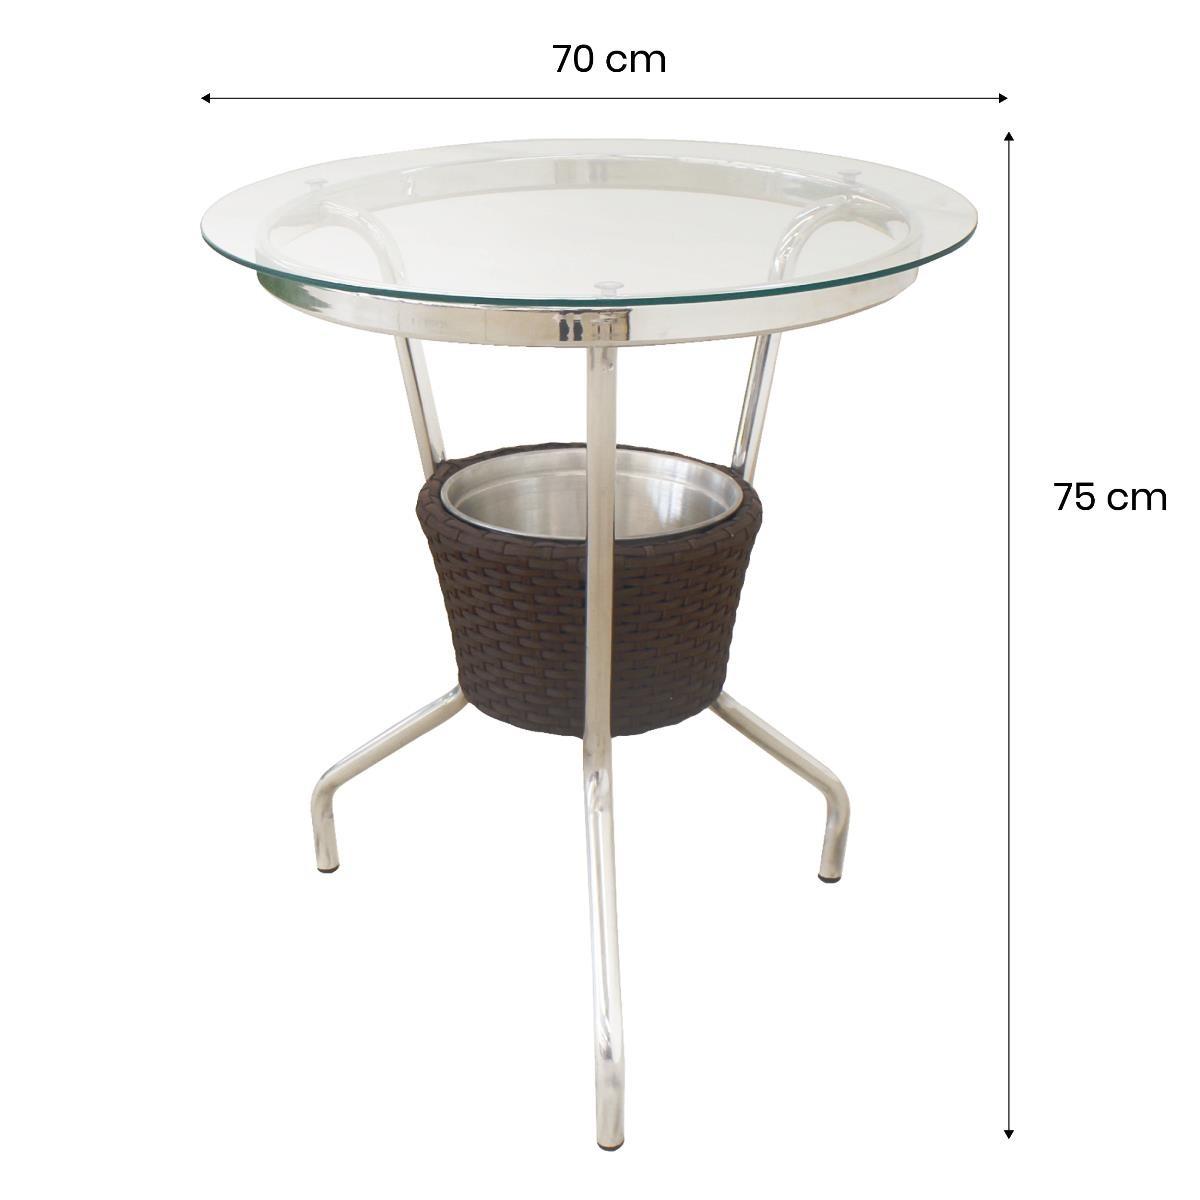 Mesa de Alumínio com Tampo em Vidro e Cooler - MBR101